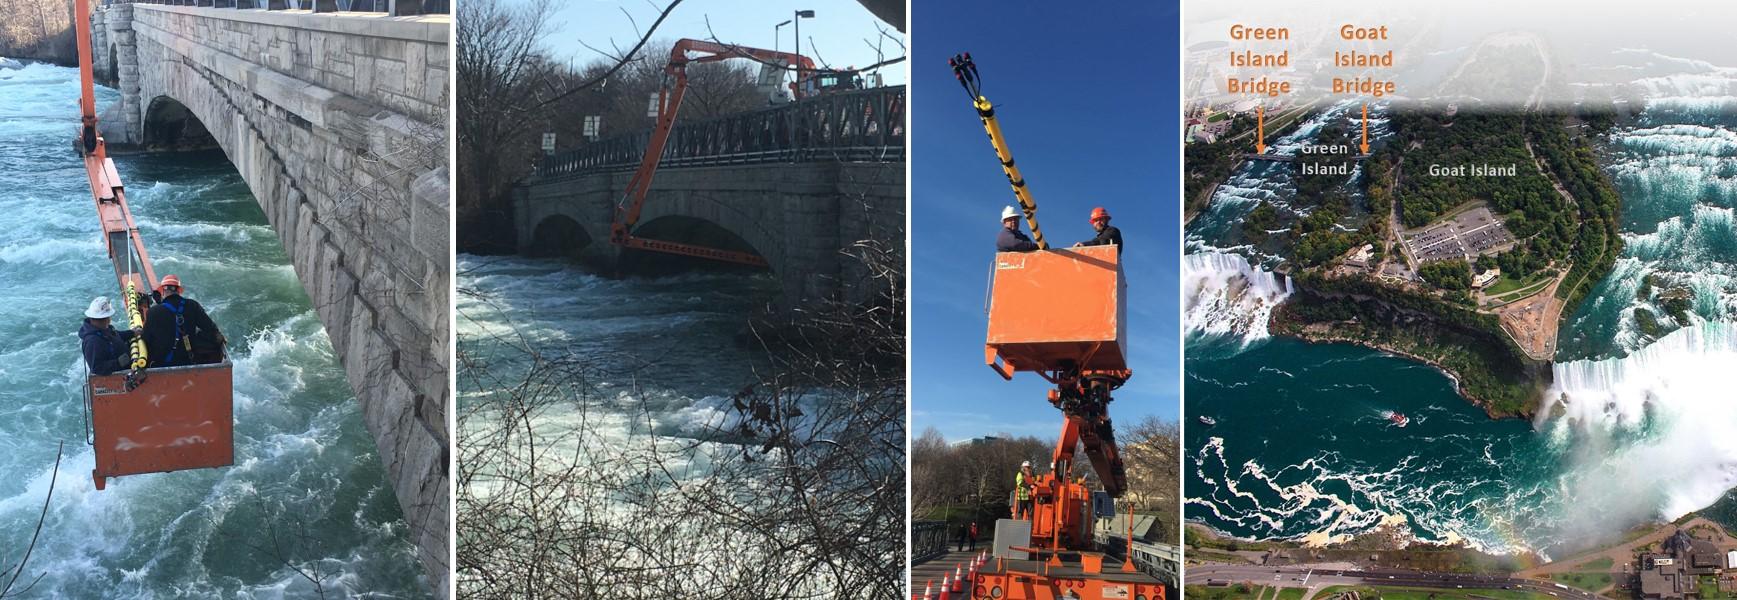 Niagara River Bridge Inspection